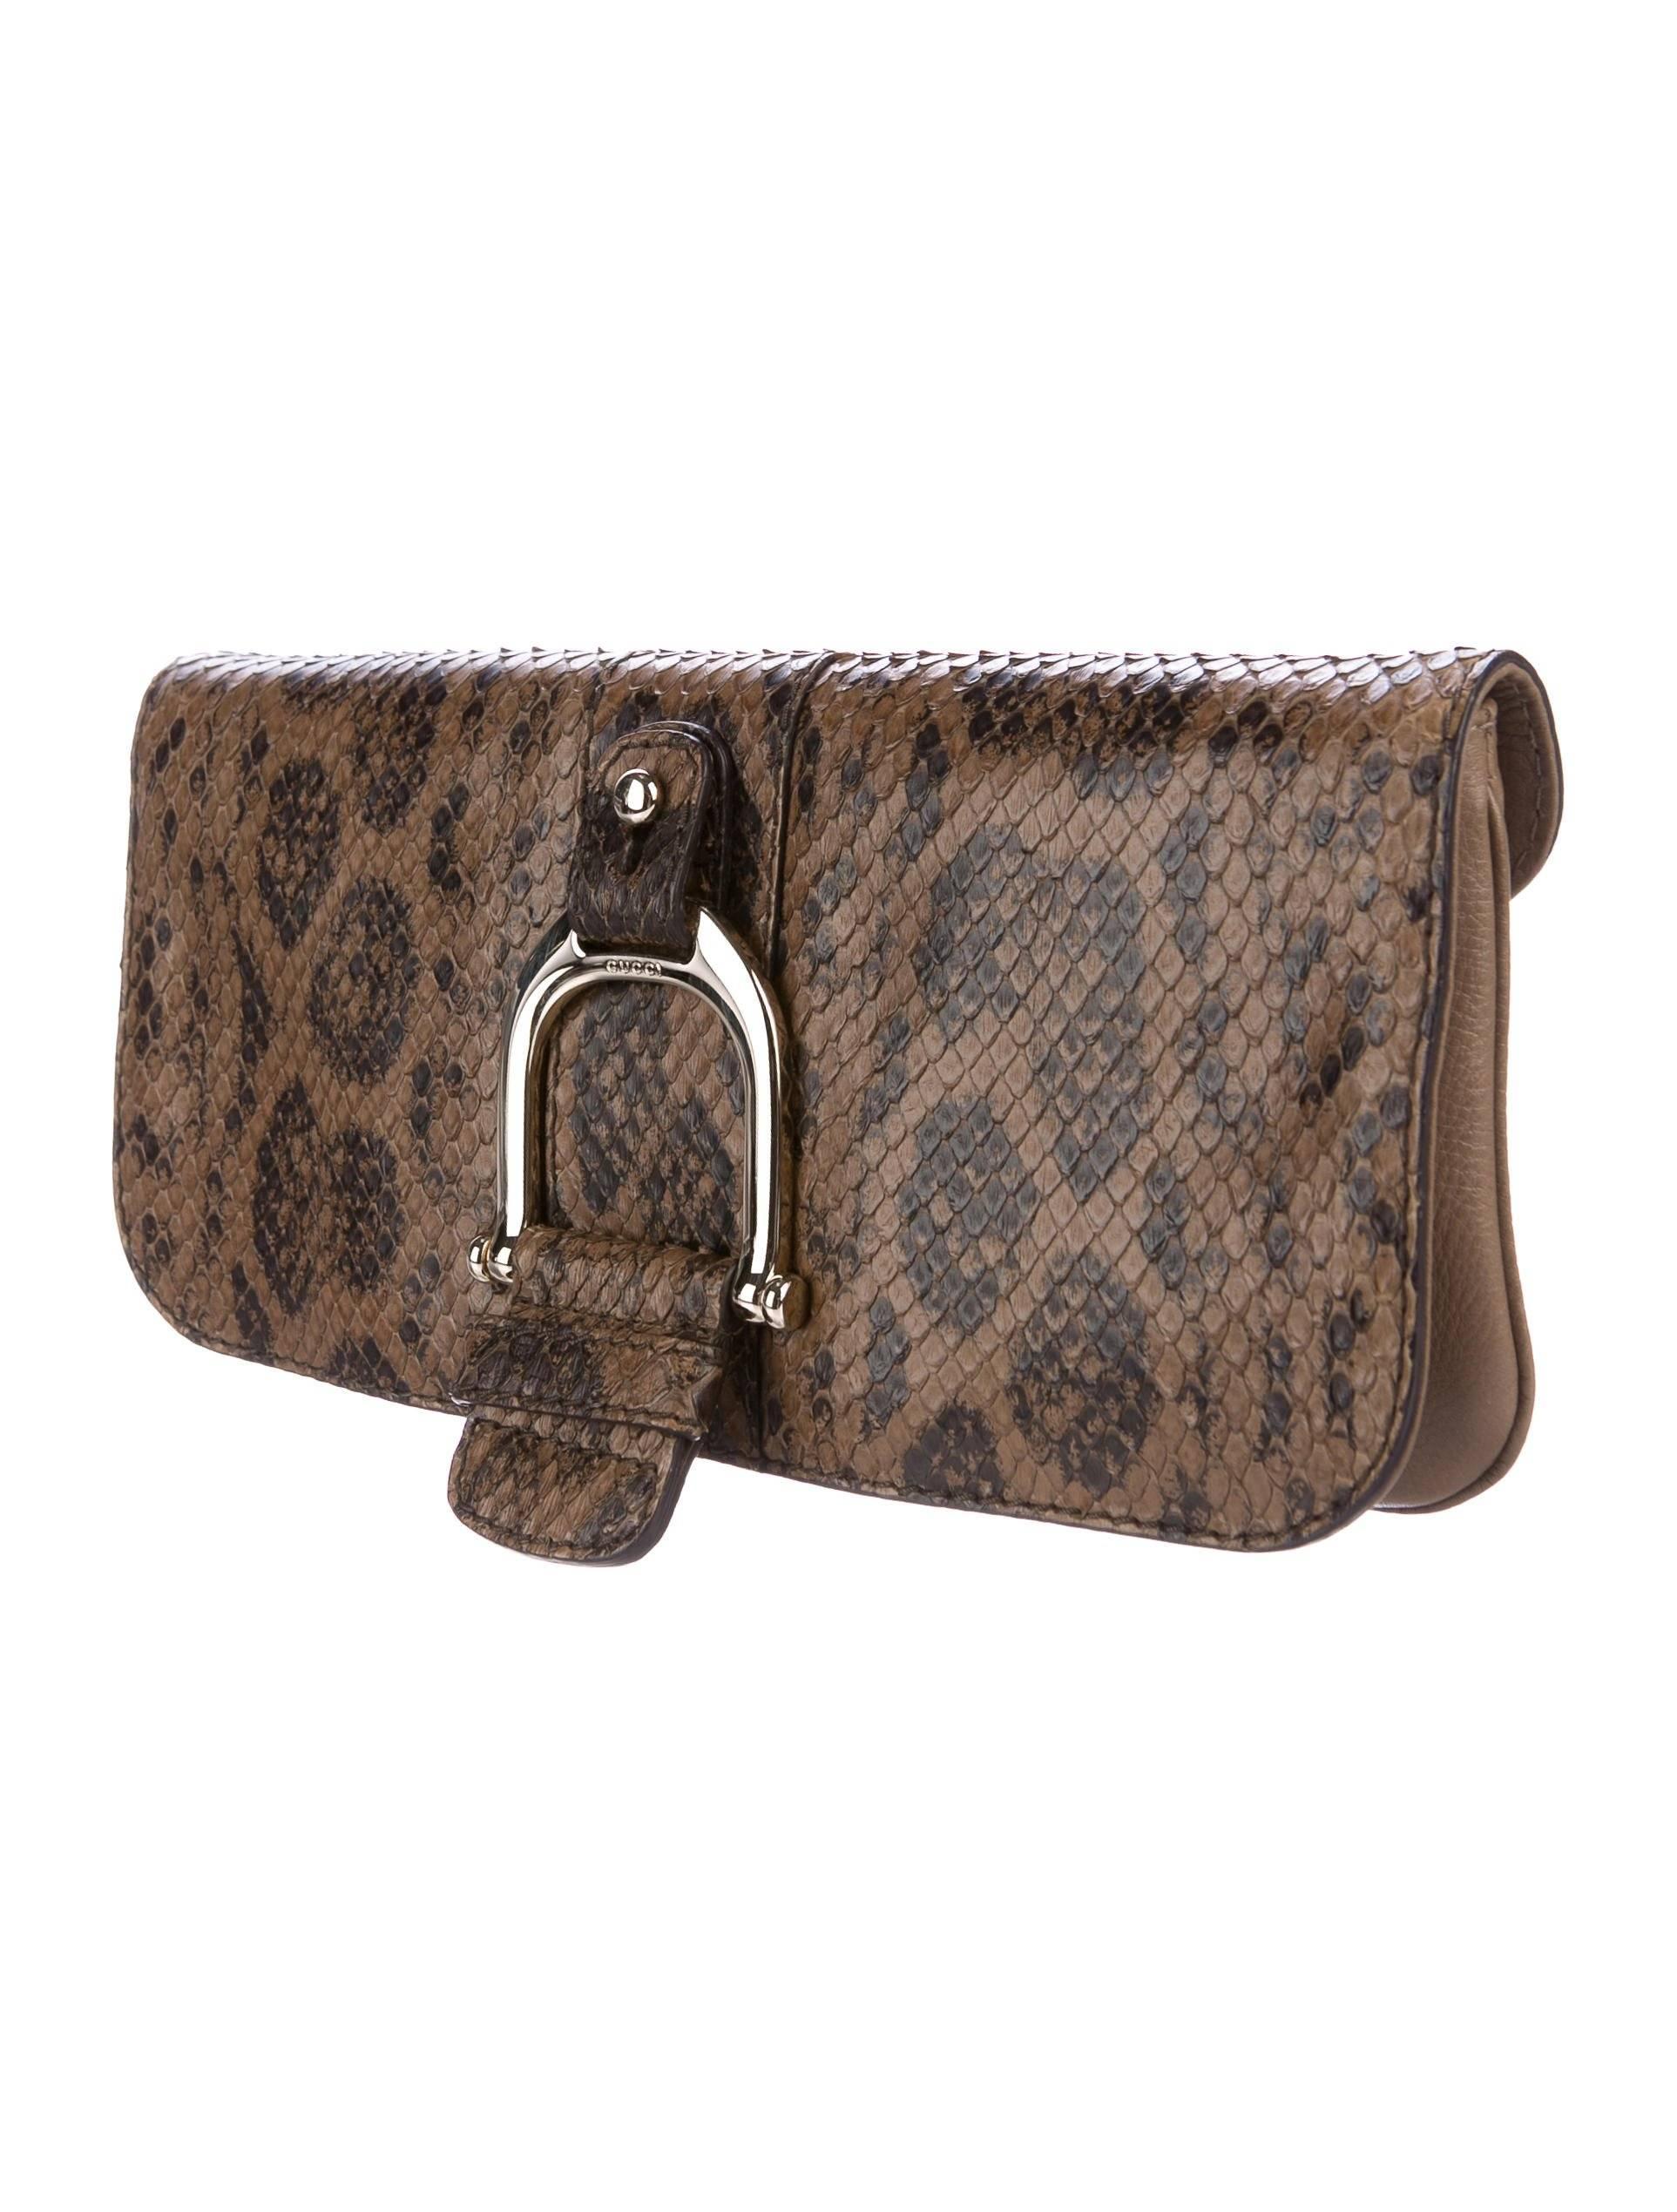 Gucci Cognac Taupe Black Snakeskin Leather Horsebit Evening Clutch Bag pre4UOa